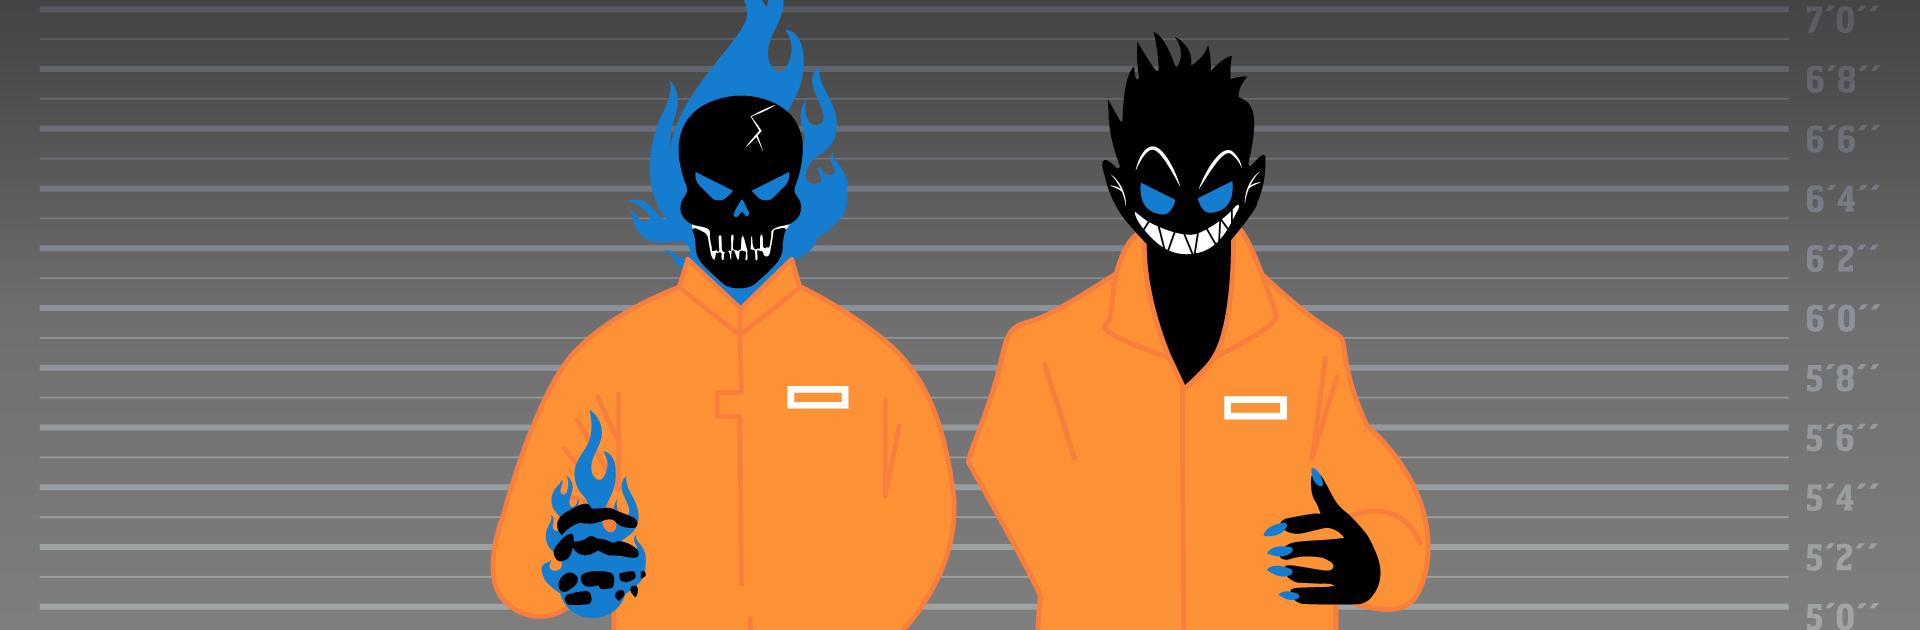 Criminal Records of Super Villains_Feature